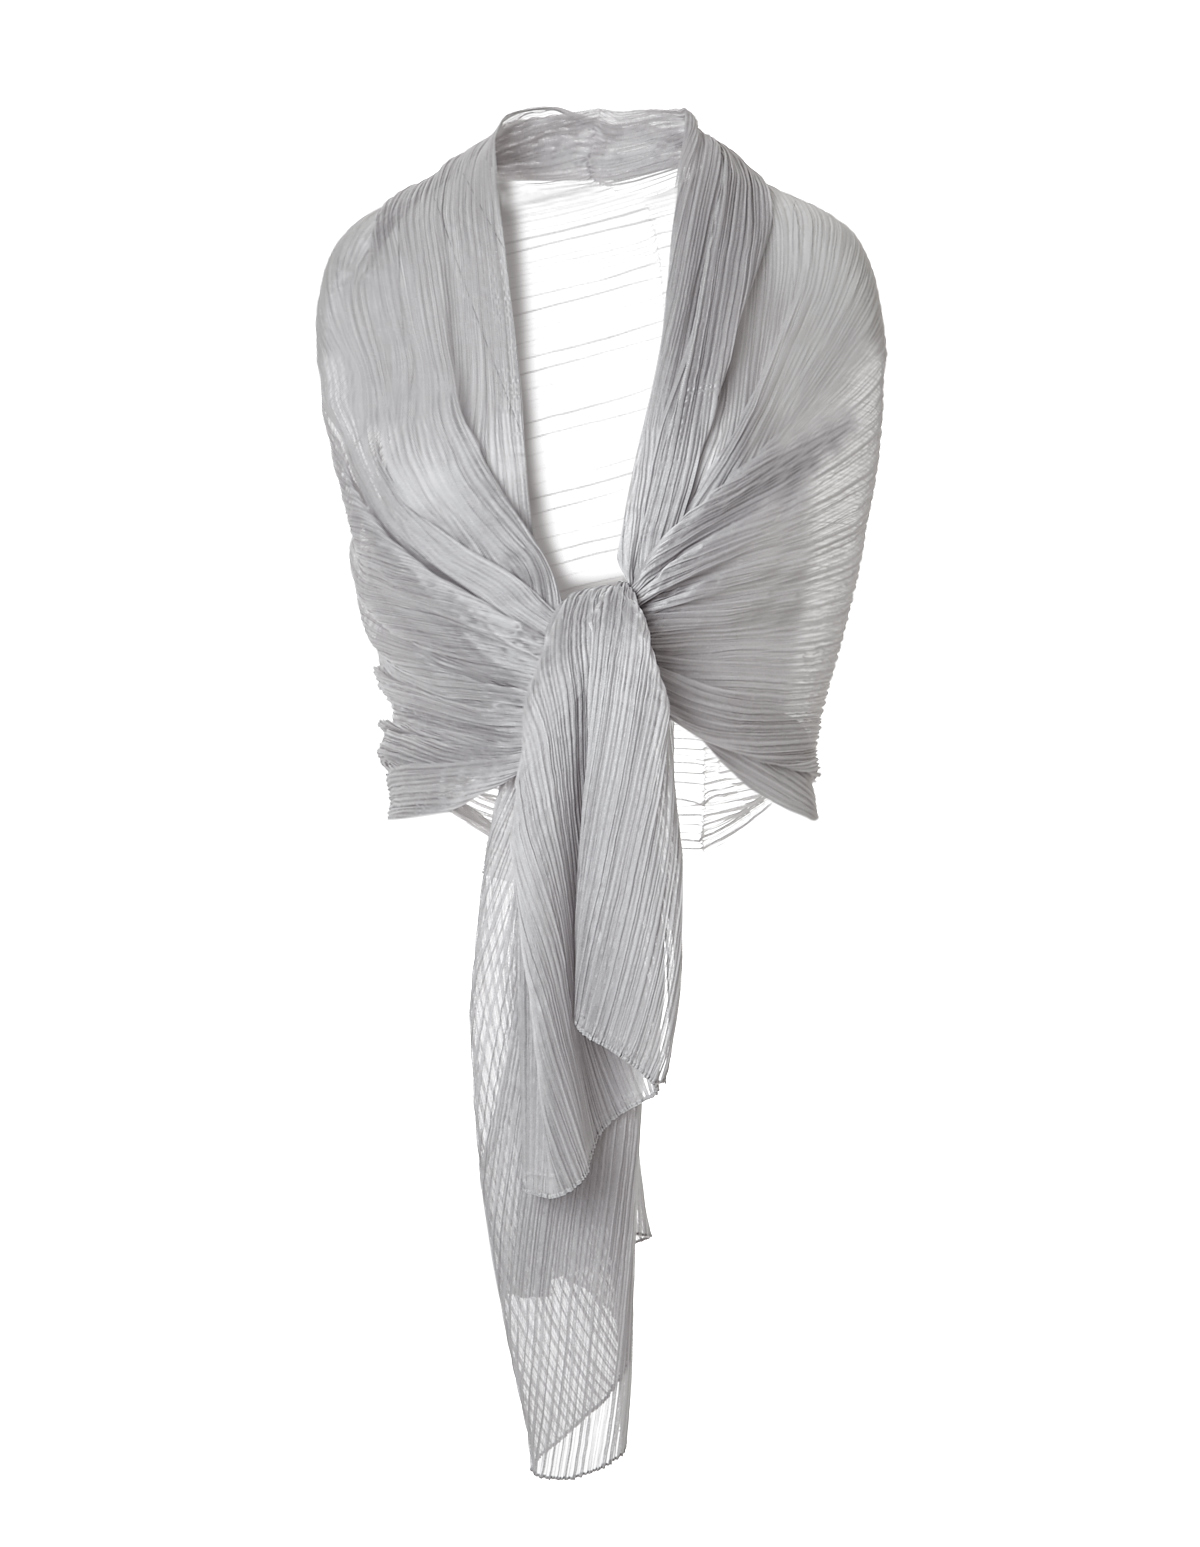 silver pleated dress shawl cleo Silver Shawls for Dresses silver pleated dress shawl silver hi res